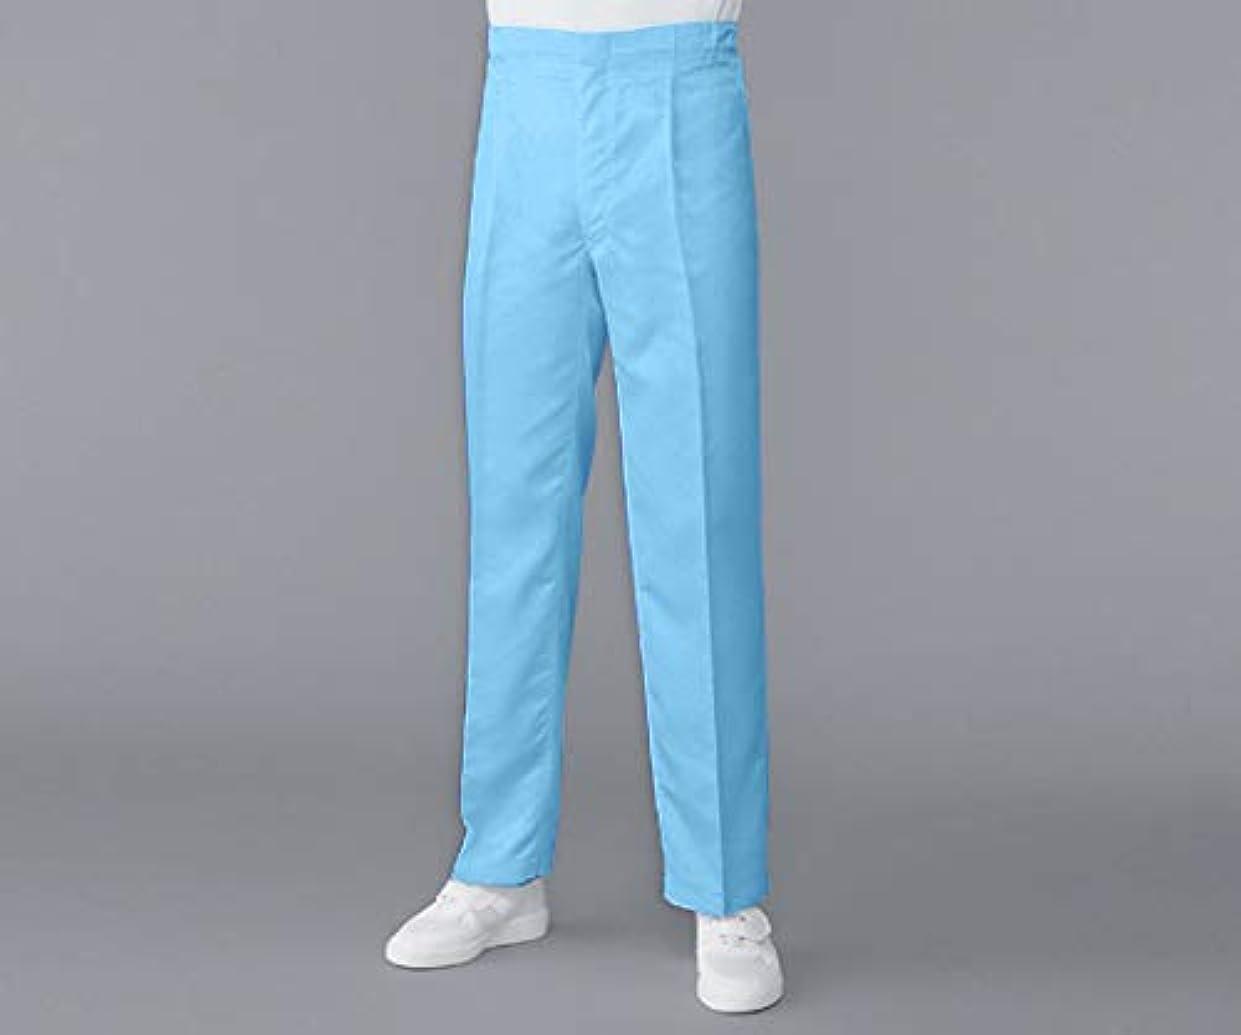 誇張するモノグラフ伝染性の無塵衣AS304A パンツ ブルー